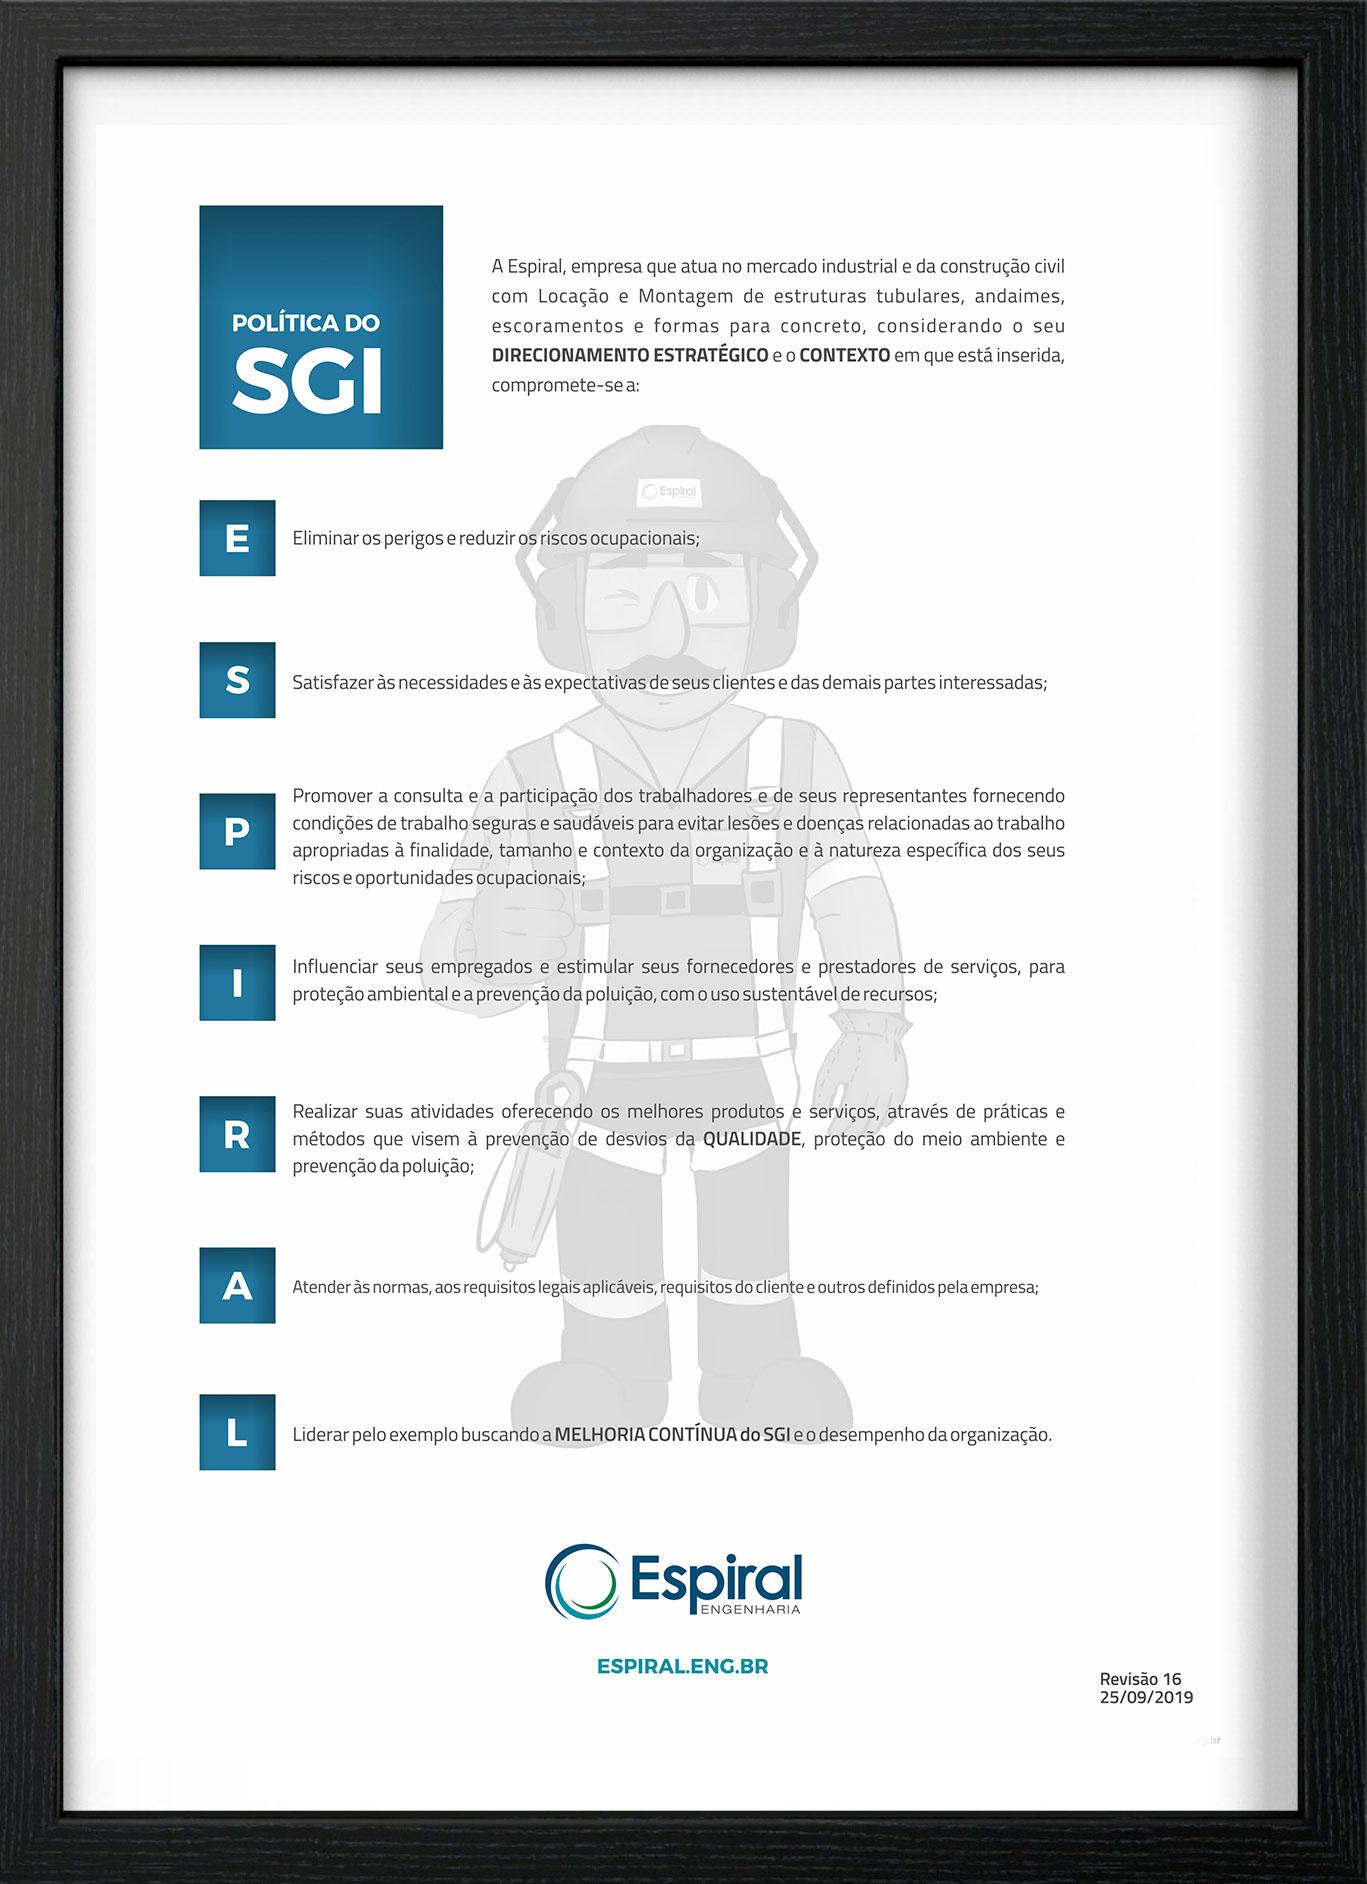 Política de SGI Espiral Engenharia